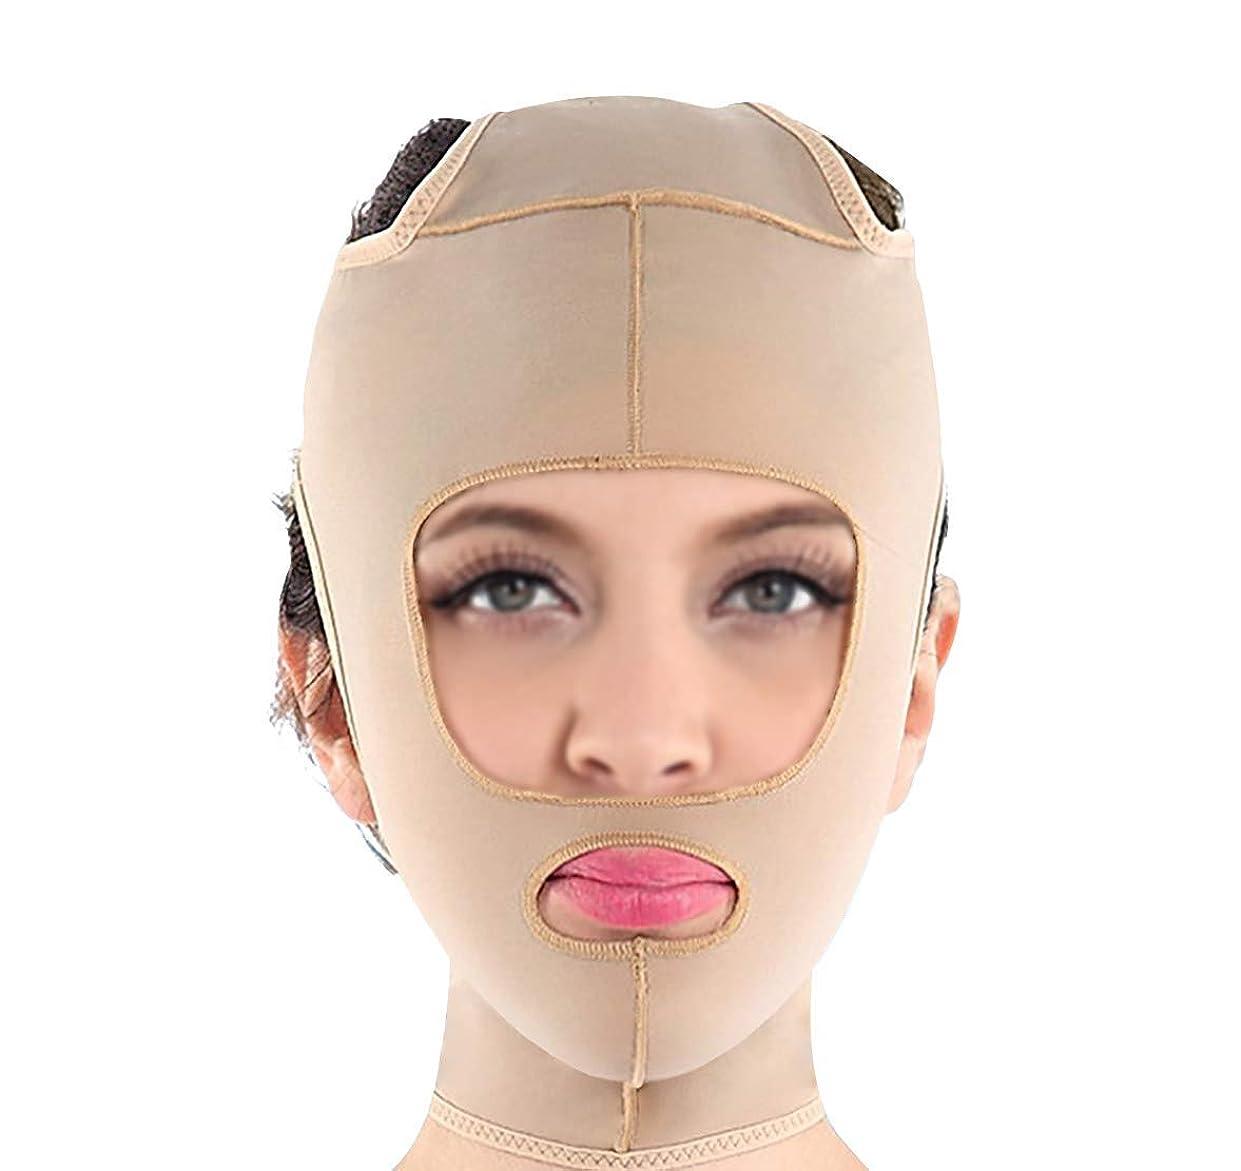 ブースピストン腫瘍包帯vフェイス楽器フェイスマスクマジックフェイスフェイシャル引き締めフェイシャルマッサージフェイシャルリンクルリフティング引き締めプラスチックマスク(サイズ:Xl),S